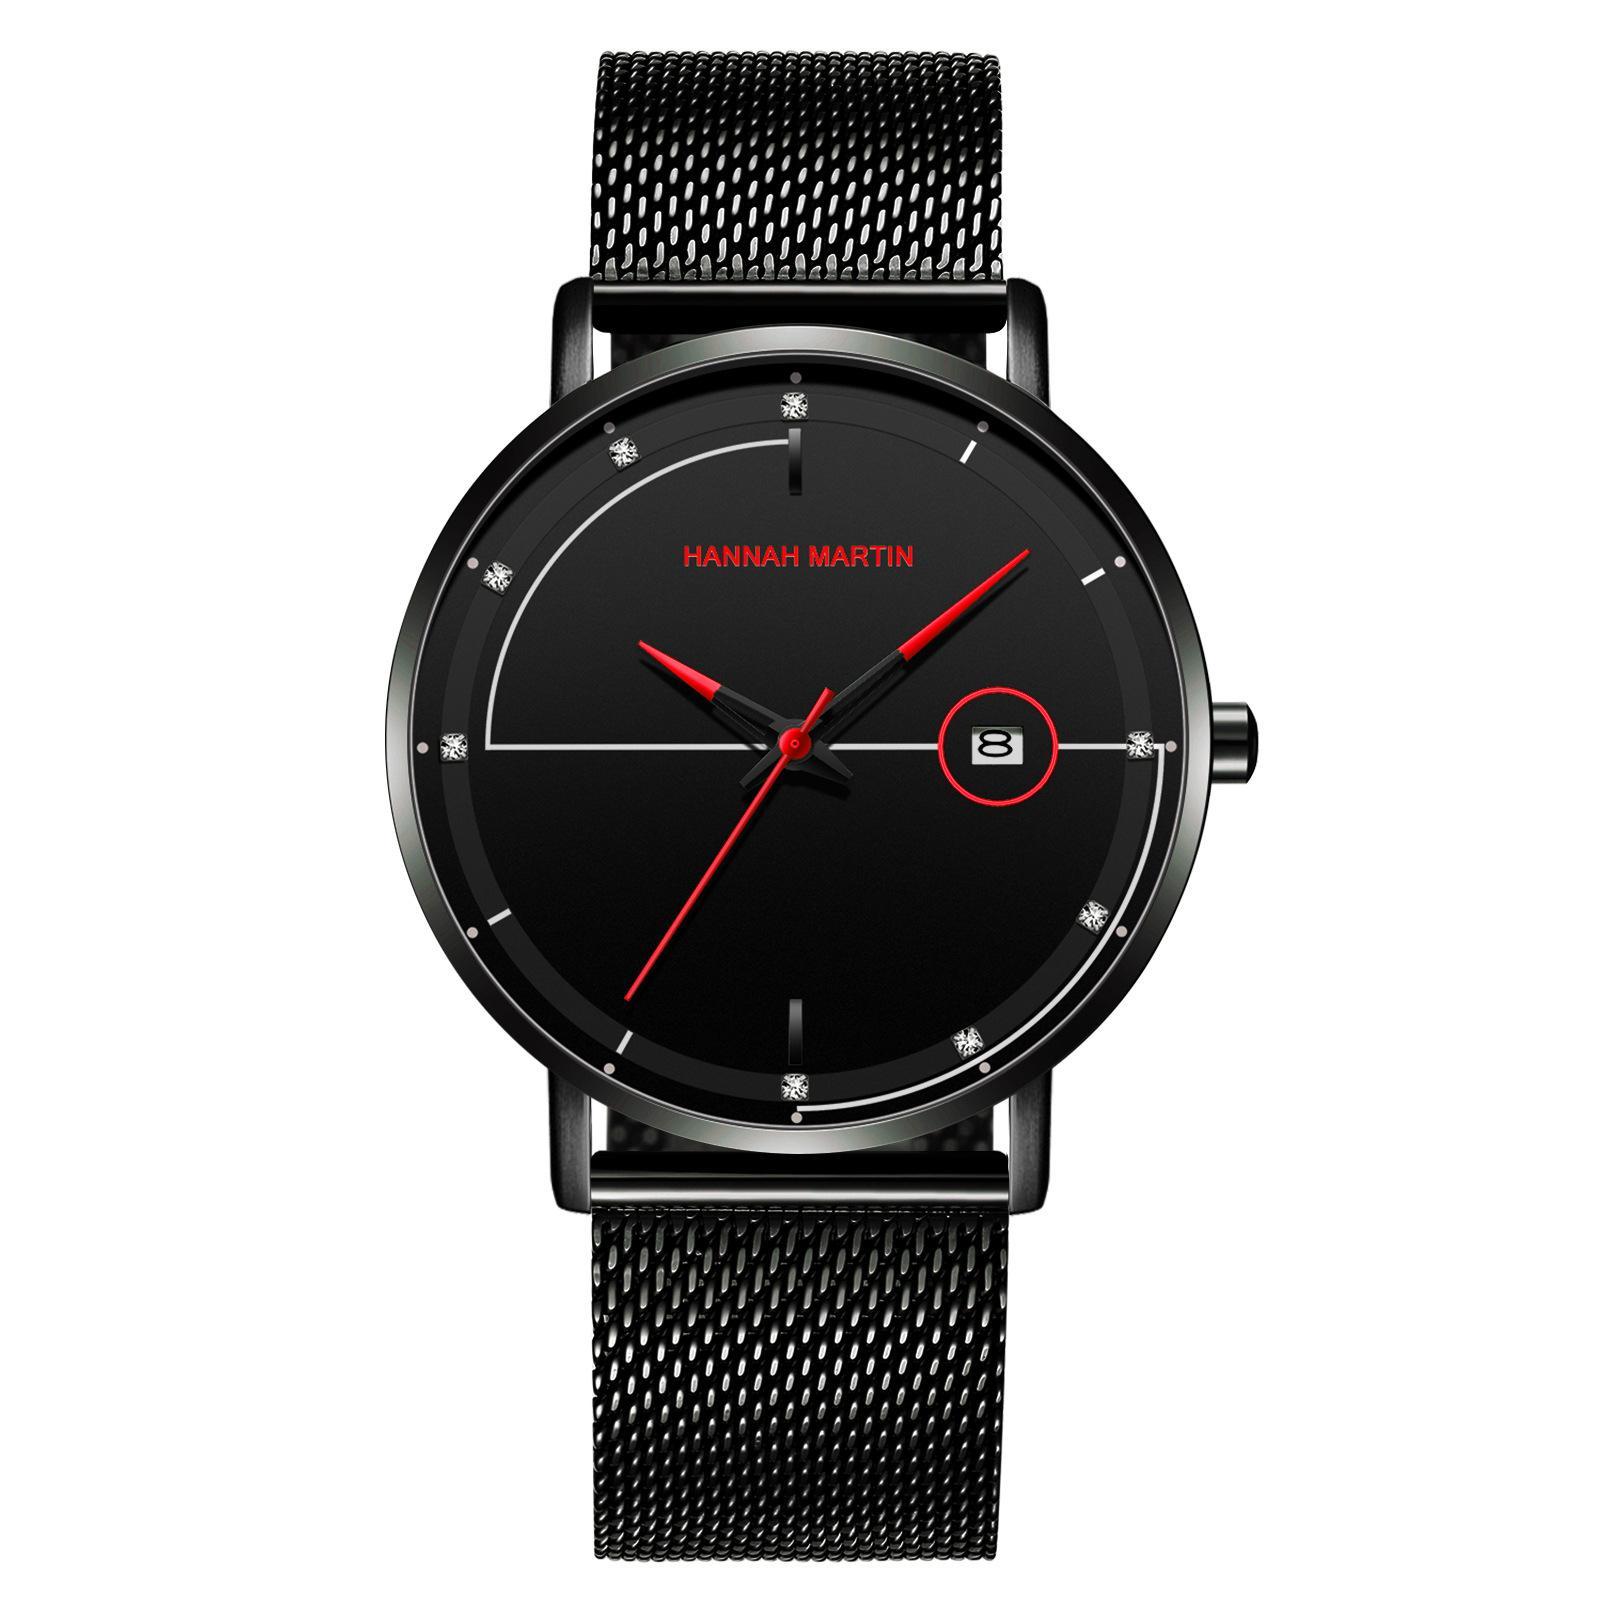 Nuevo reloj de acero inoxidable 316 hombres de venda Wach estilo simple Negro 4 cuarzo color Movimiento Diario impermeable reloj 40mm